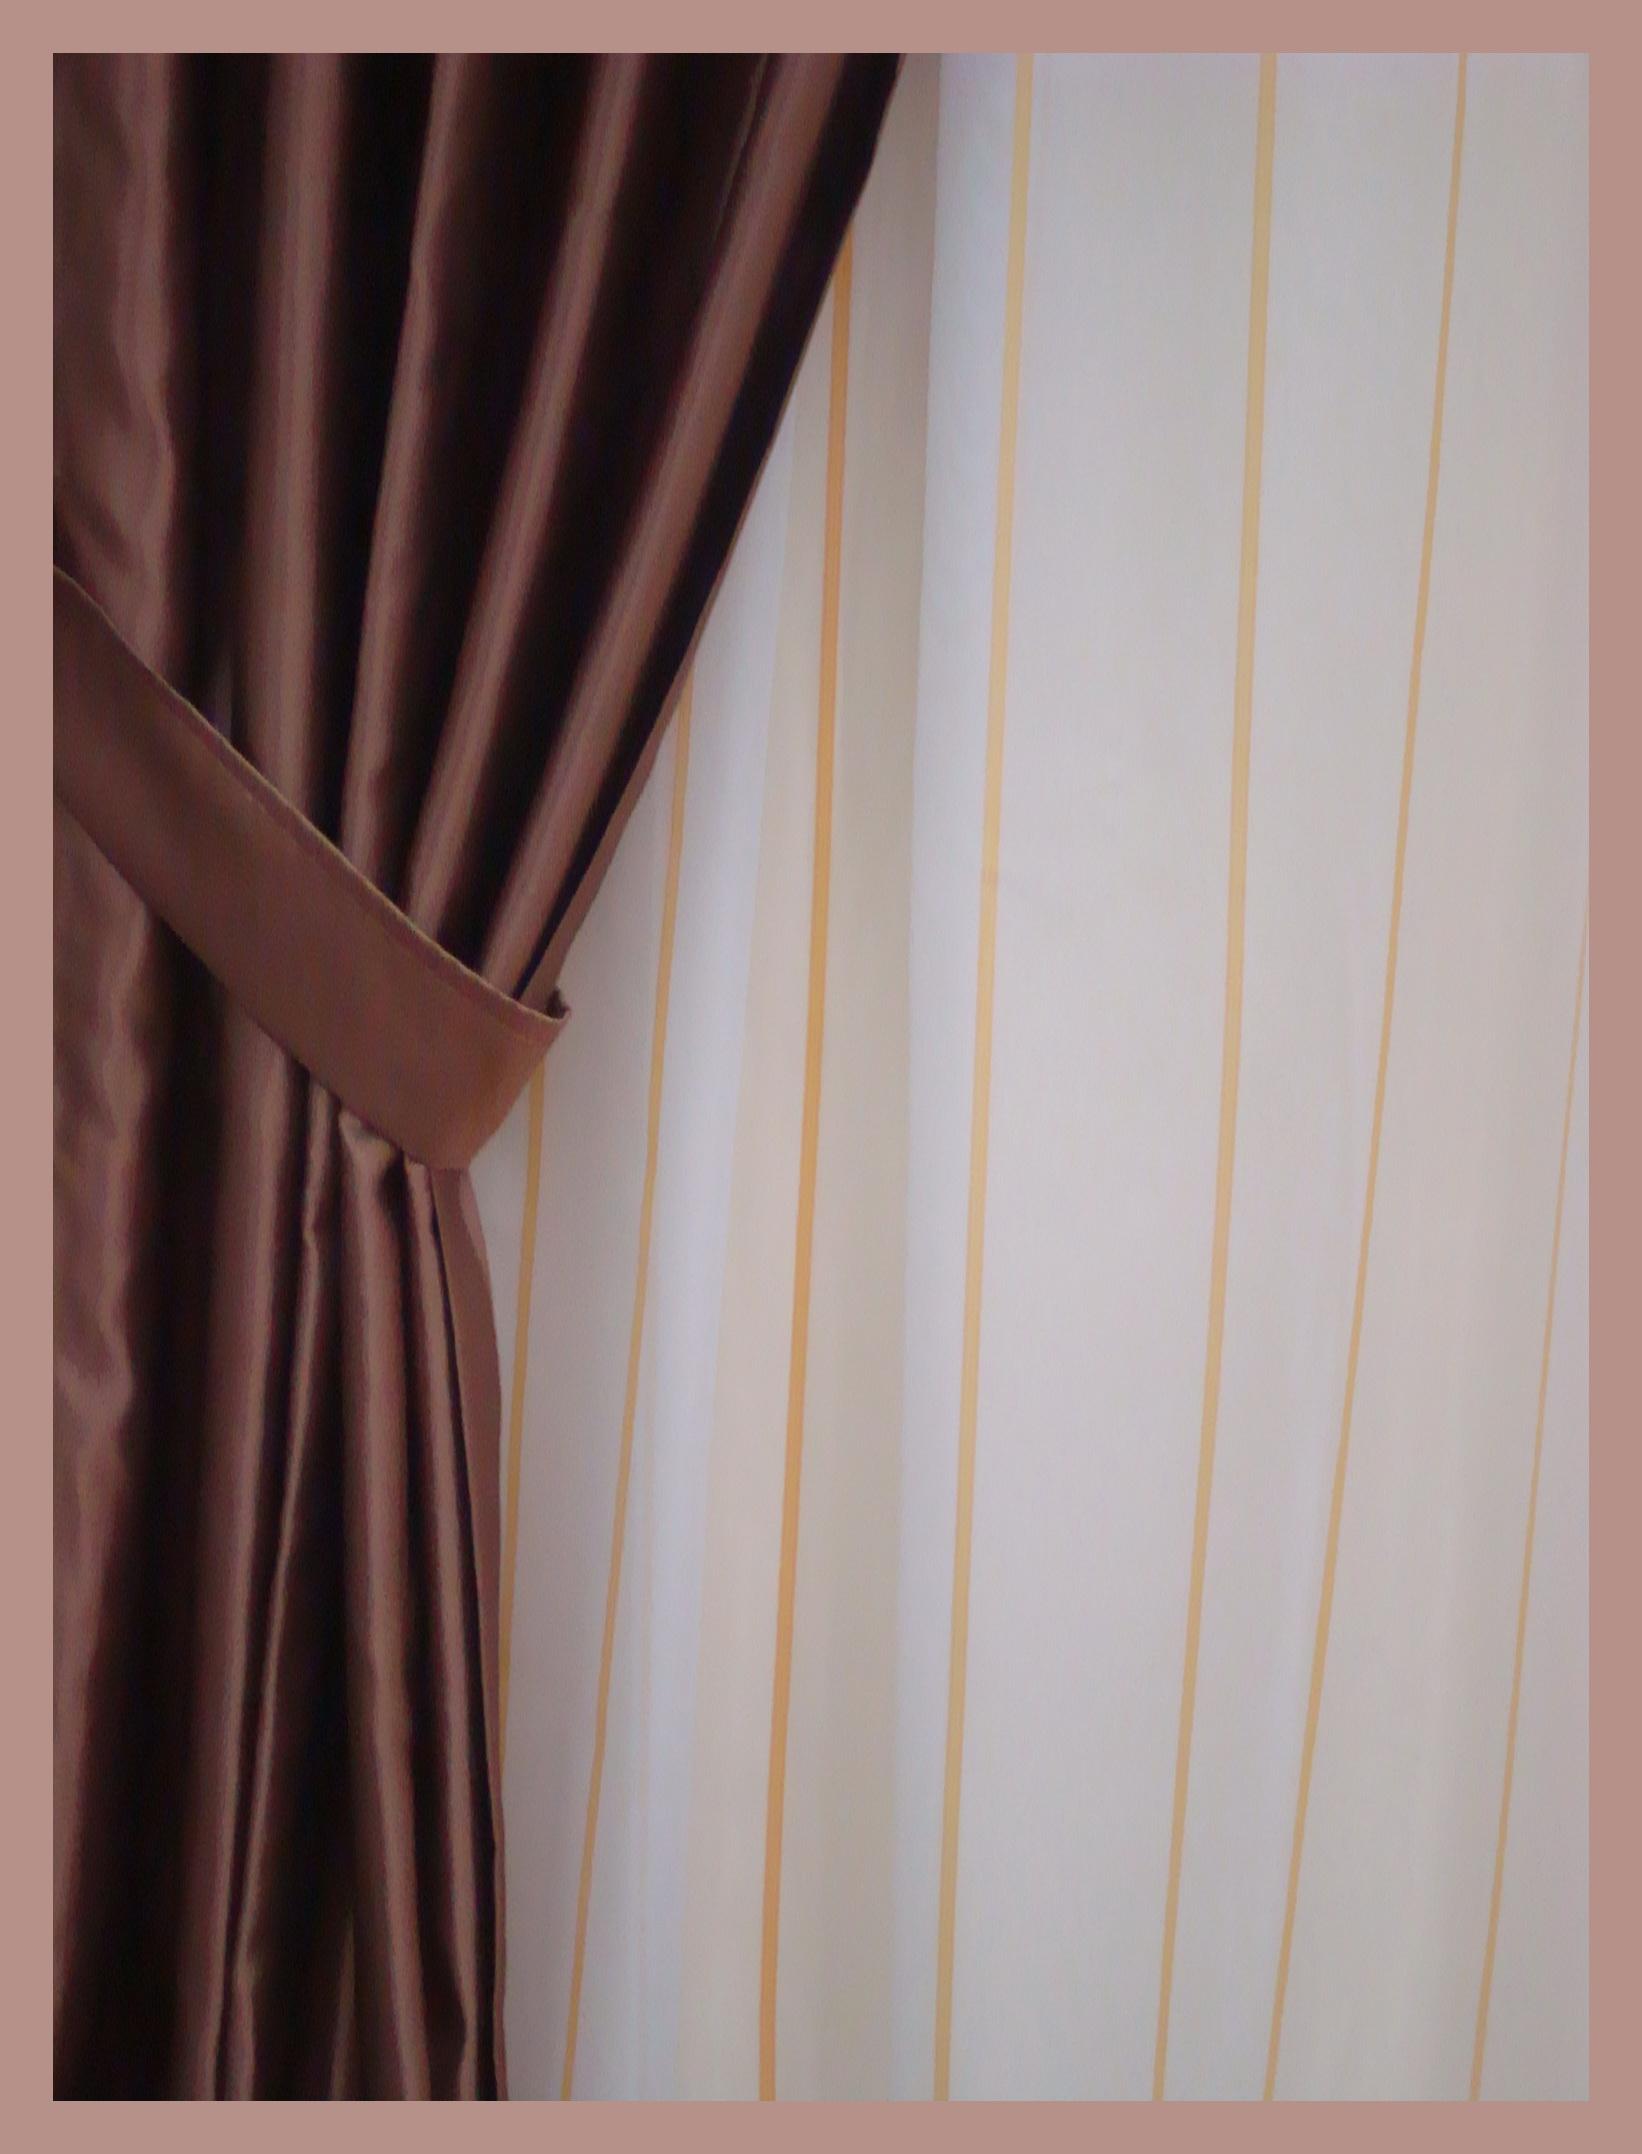 gardinen deko edle gardinen vorh nge gardinen dekoration verbessern ihr zimmer shade. Black Bedroom Furniture Sets. Home Design Ideas